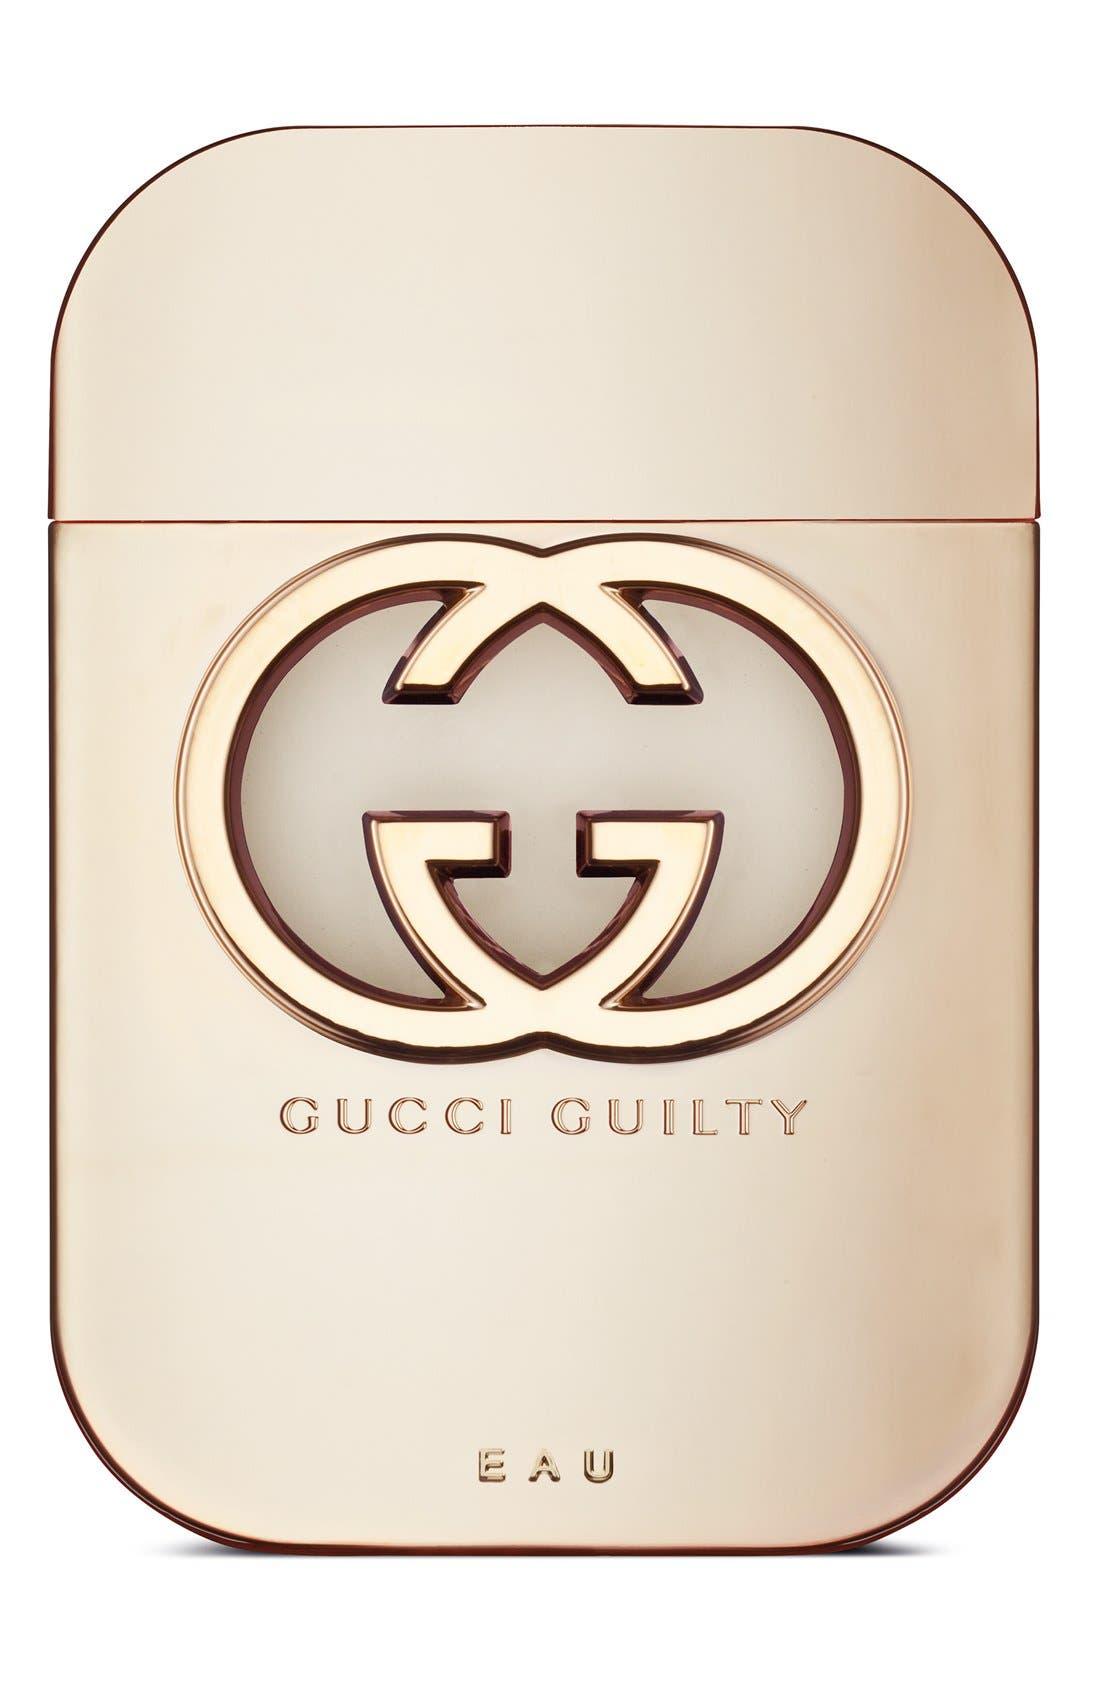 Gucci 'Guilty Eau' Eau de Toilette